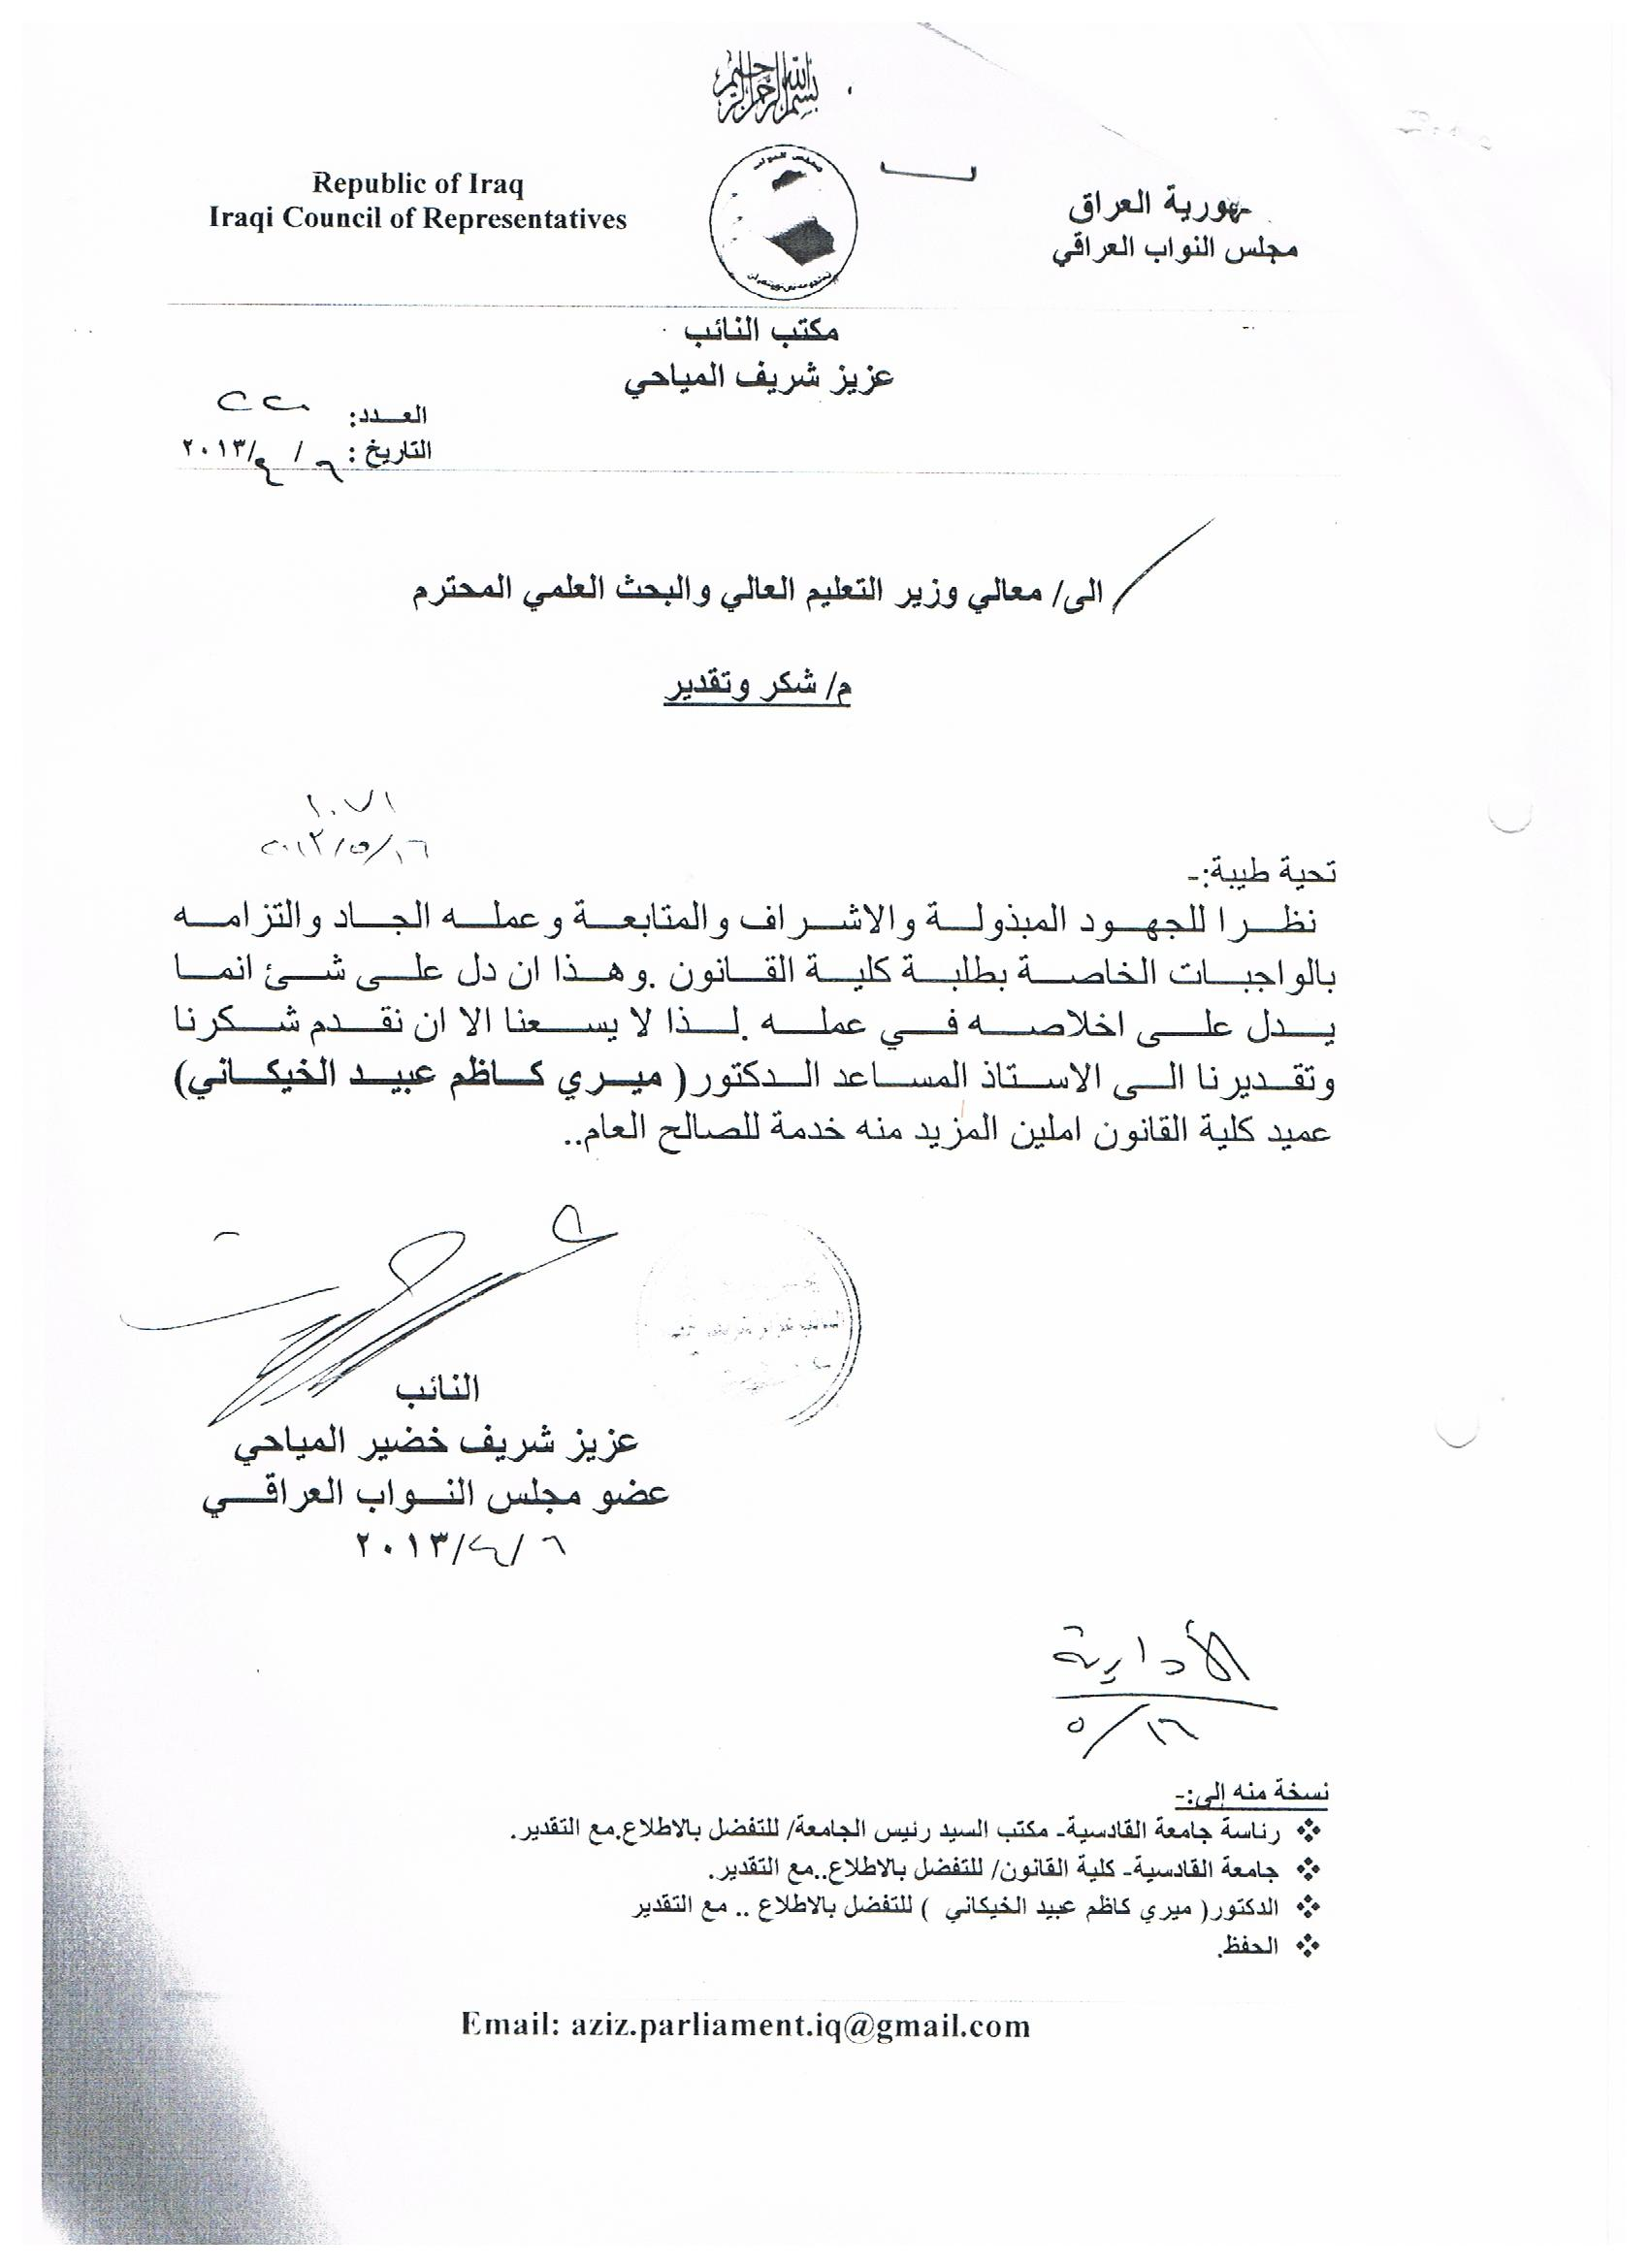 حصول السيد عميد كلية القانون المحترم على كتاب شكر وتقدير من السيد النائب عزيز شريف المياحي المحترم